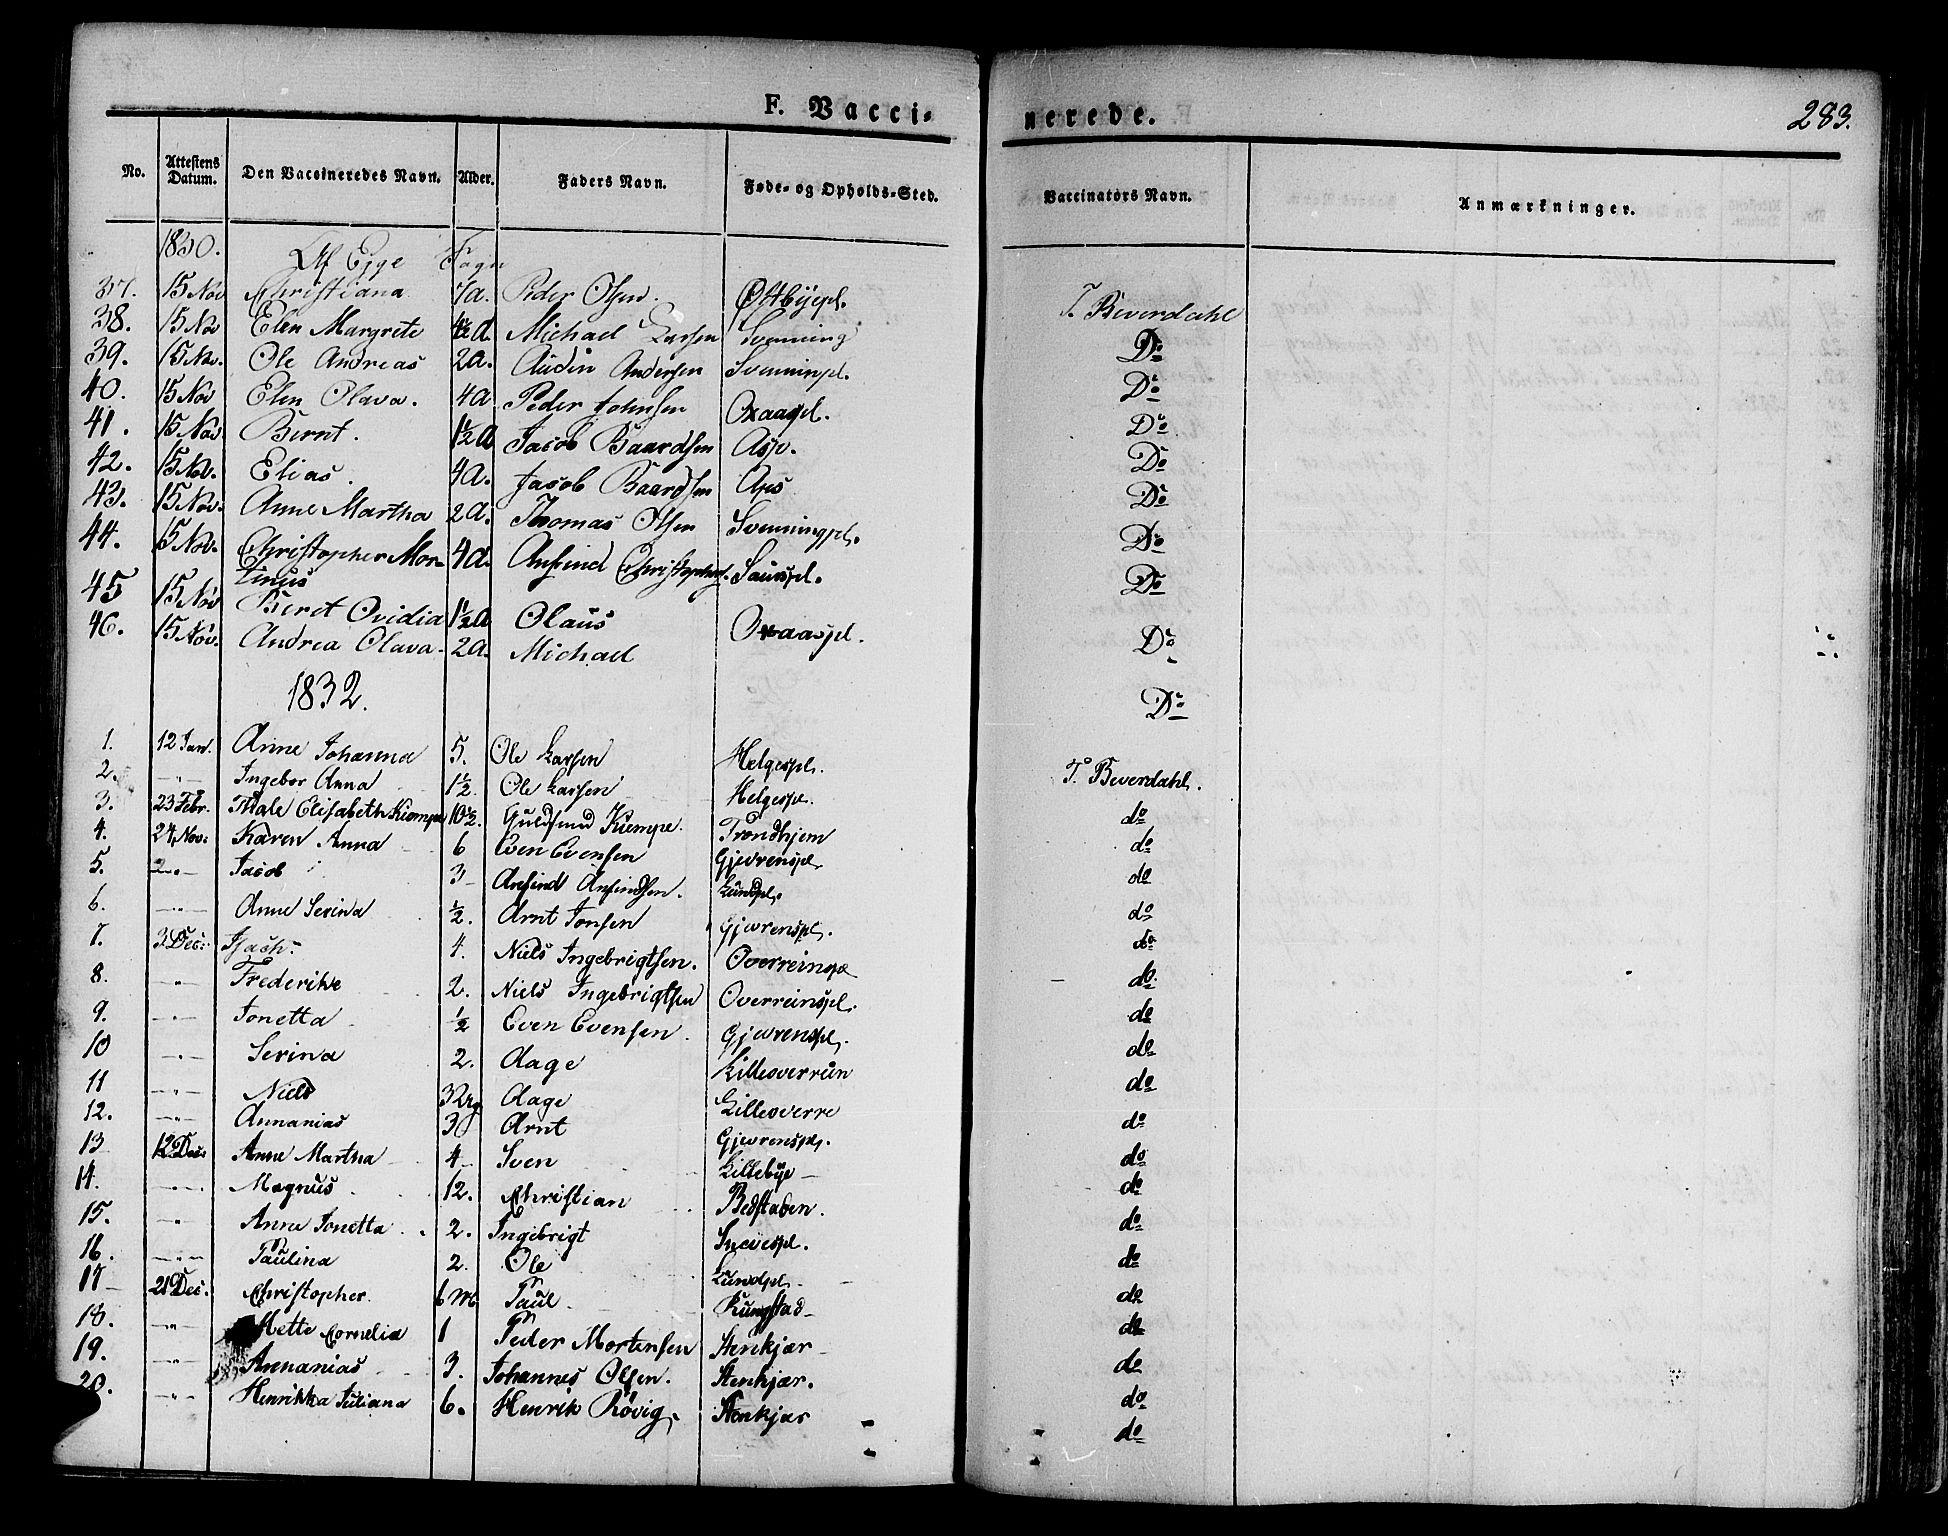 SAT, Ministerialprotokoller, klokkerbøker og fødselsregistre - Nord-Trøndelag, 746/L0445: Ministerialbok nr. 746A04, 1826-1846, s. 283